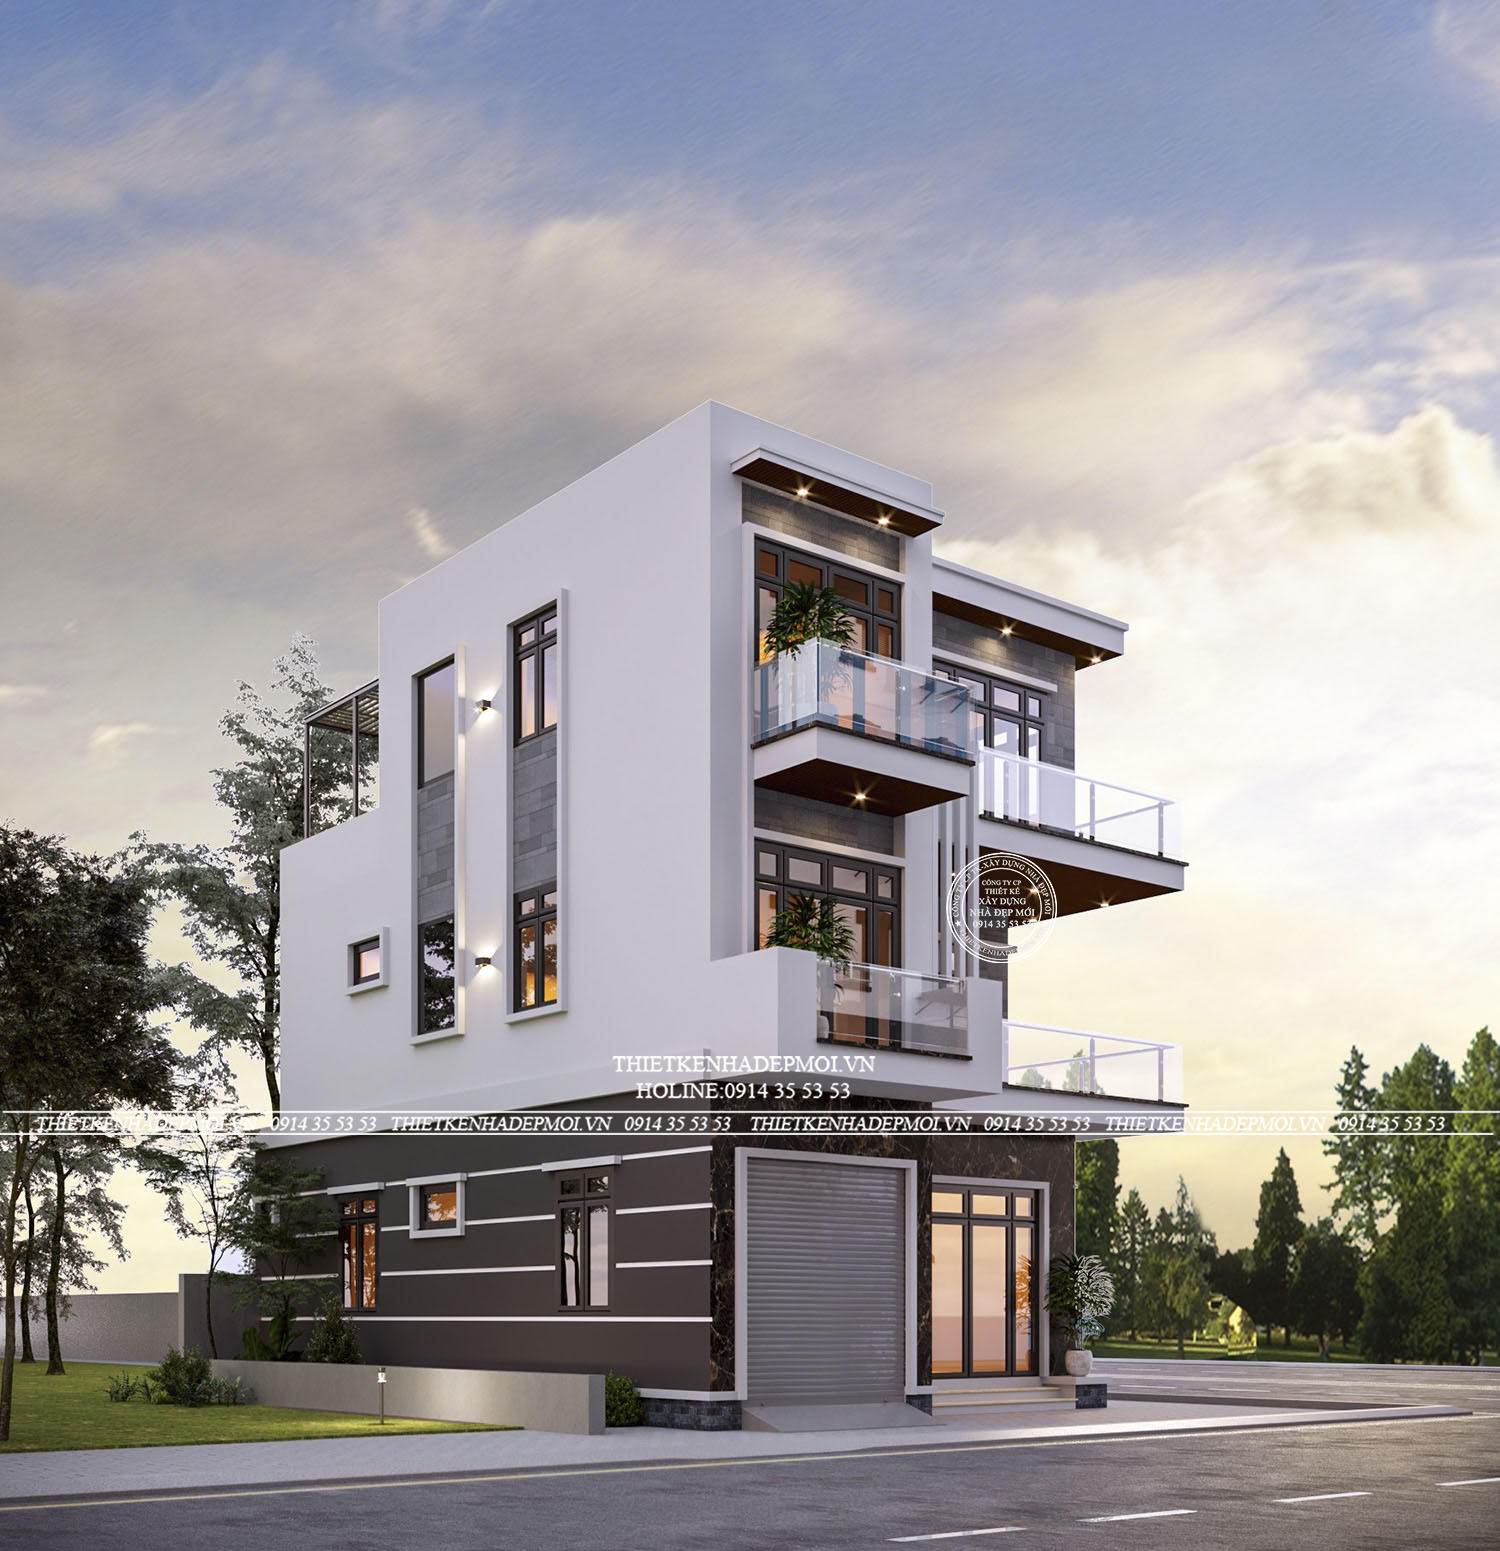 Thiết kế nhiều cửa sổ và cửa lớn tăng sự thông thoáng cho căn nhà